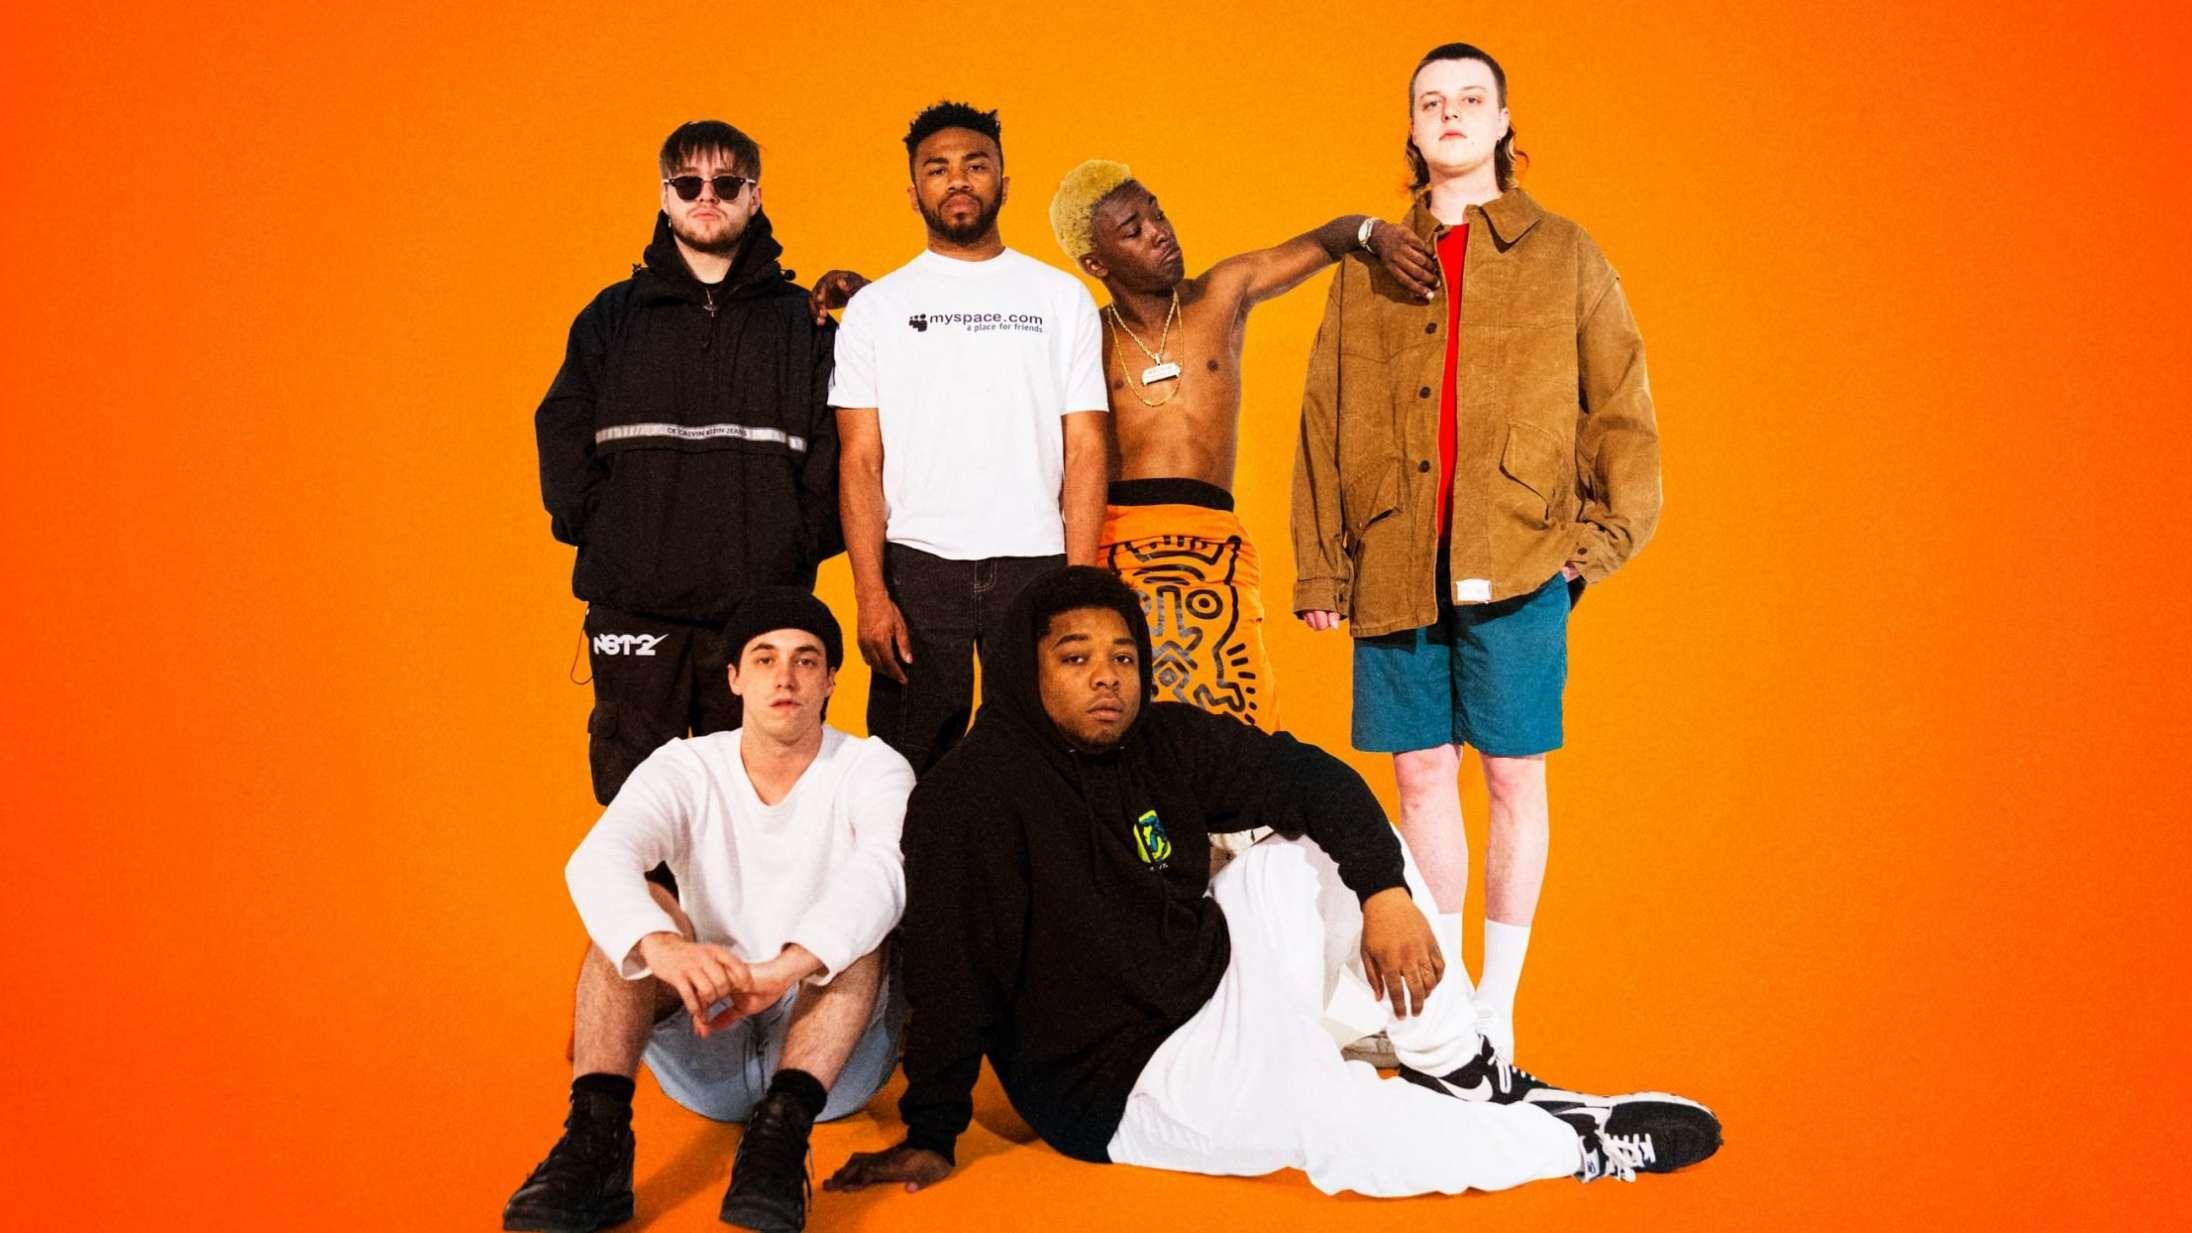 Efter en identitetskrise har Brockhampton med 'Roadrunner: New Light, New Machine' udgivet deres mest formfuldendte album hidtil